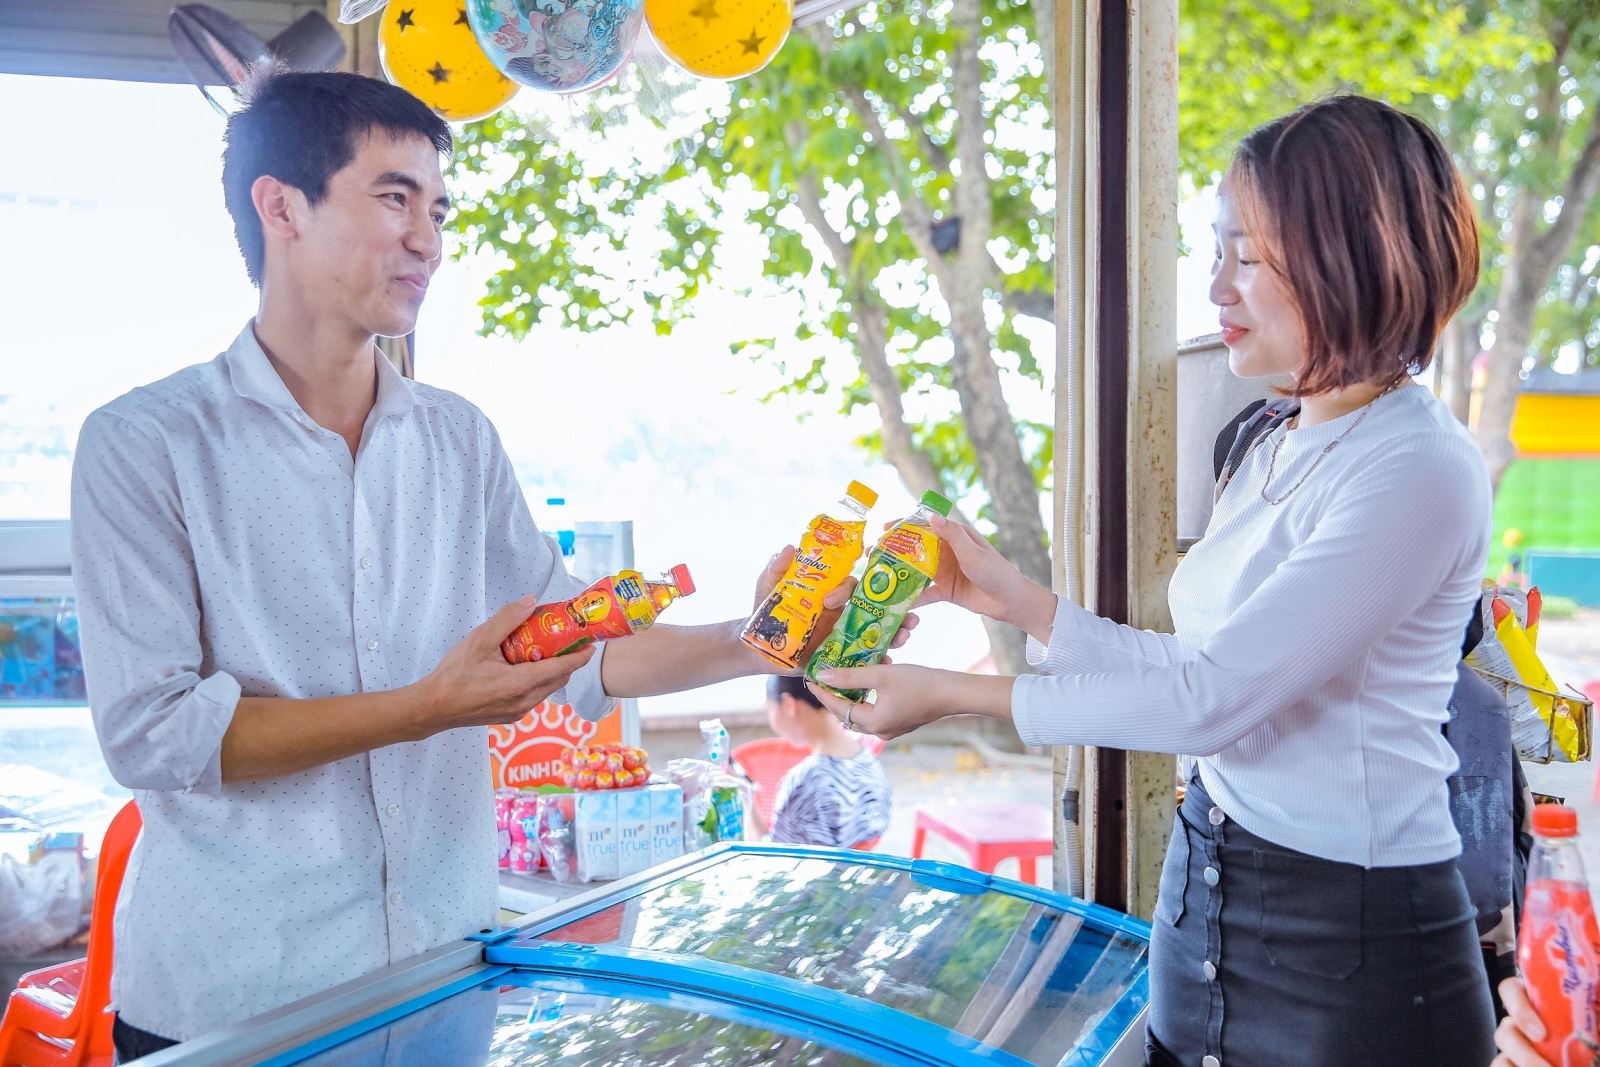 Người tiêu dùng háo hức giải khát với các sản phẩm như Trà Dr Thanh, Trà Xanh Không Độ, Nước tăng lực Number 1 để có cơ hội dễ dàng trúng các giải thưởng giá trị. (Hình tư liệu tháng 4/2021).